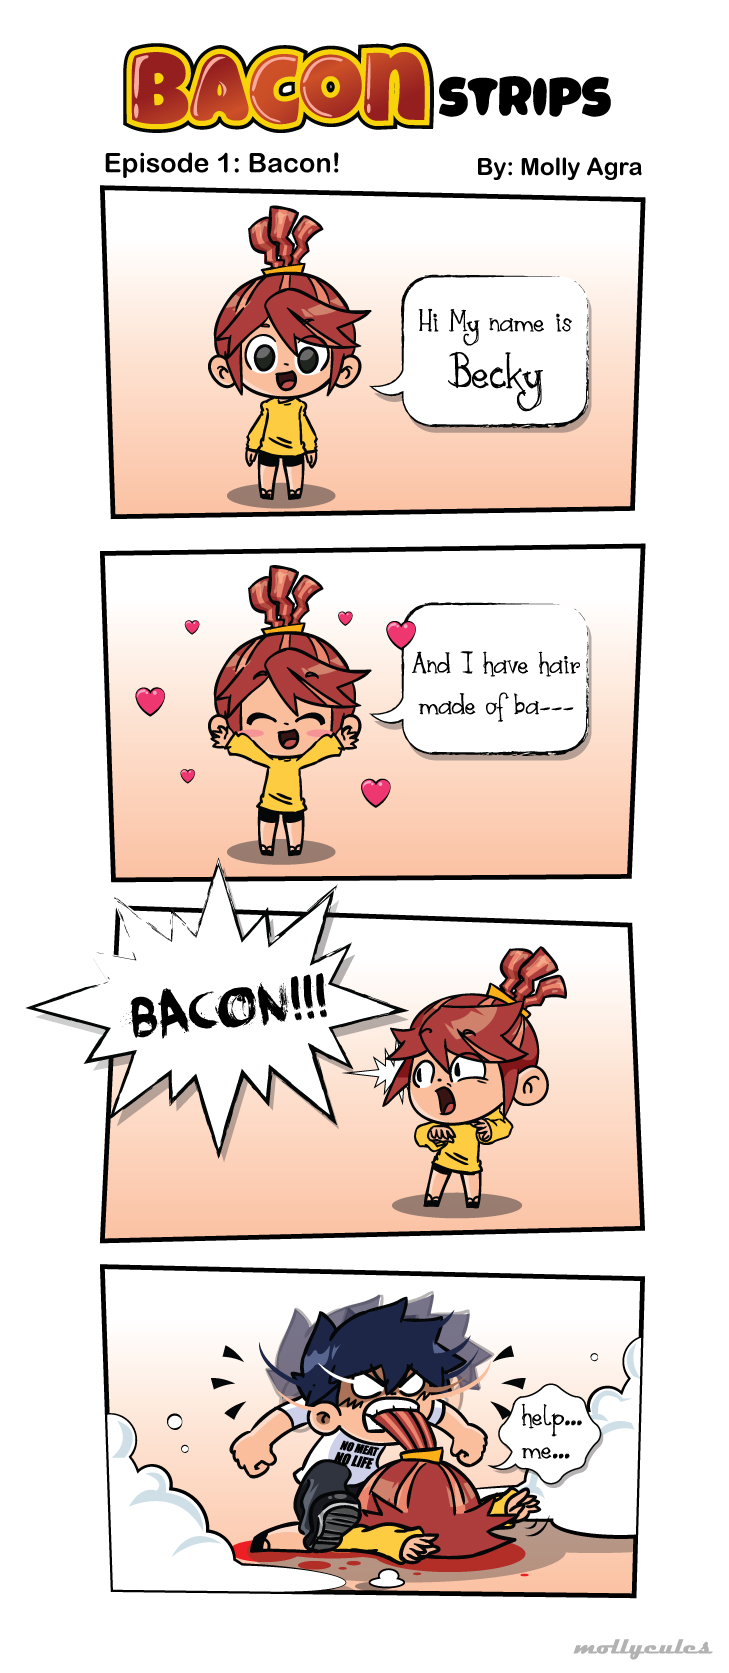 Bacon Strips - Episode 1: Bacon!